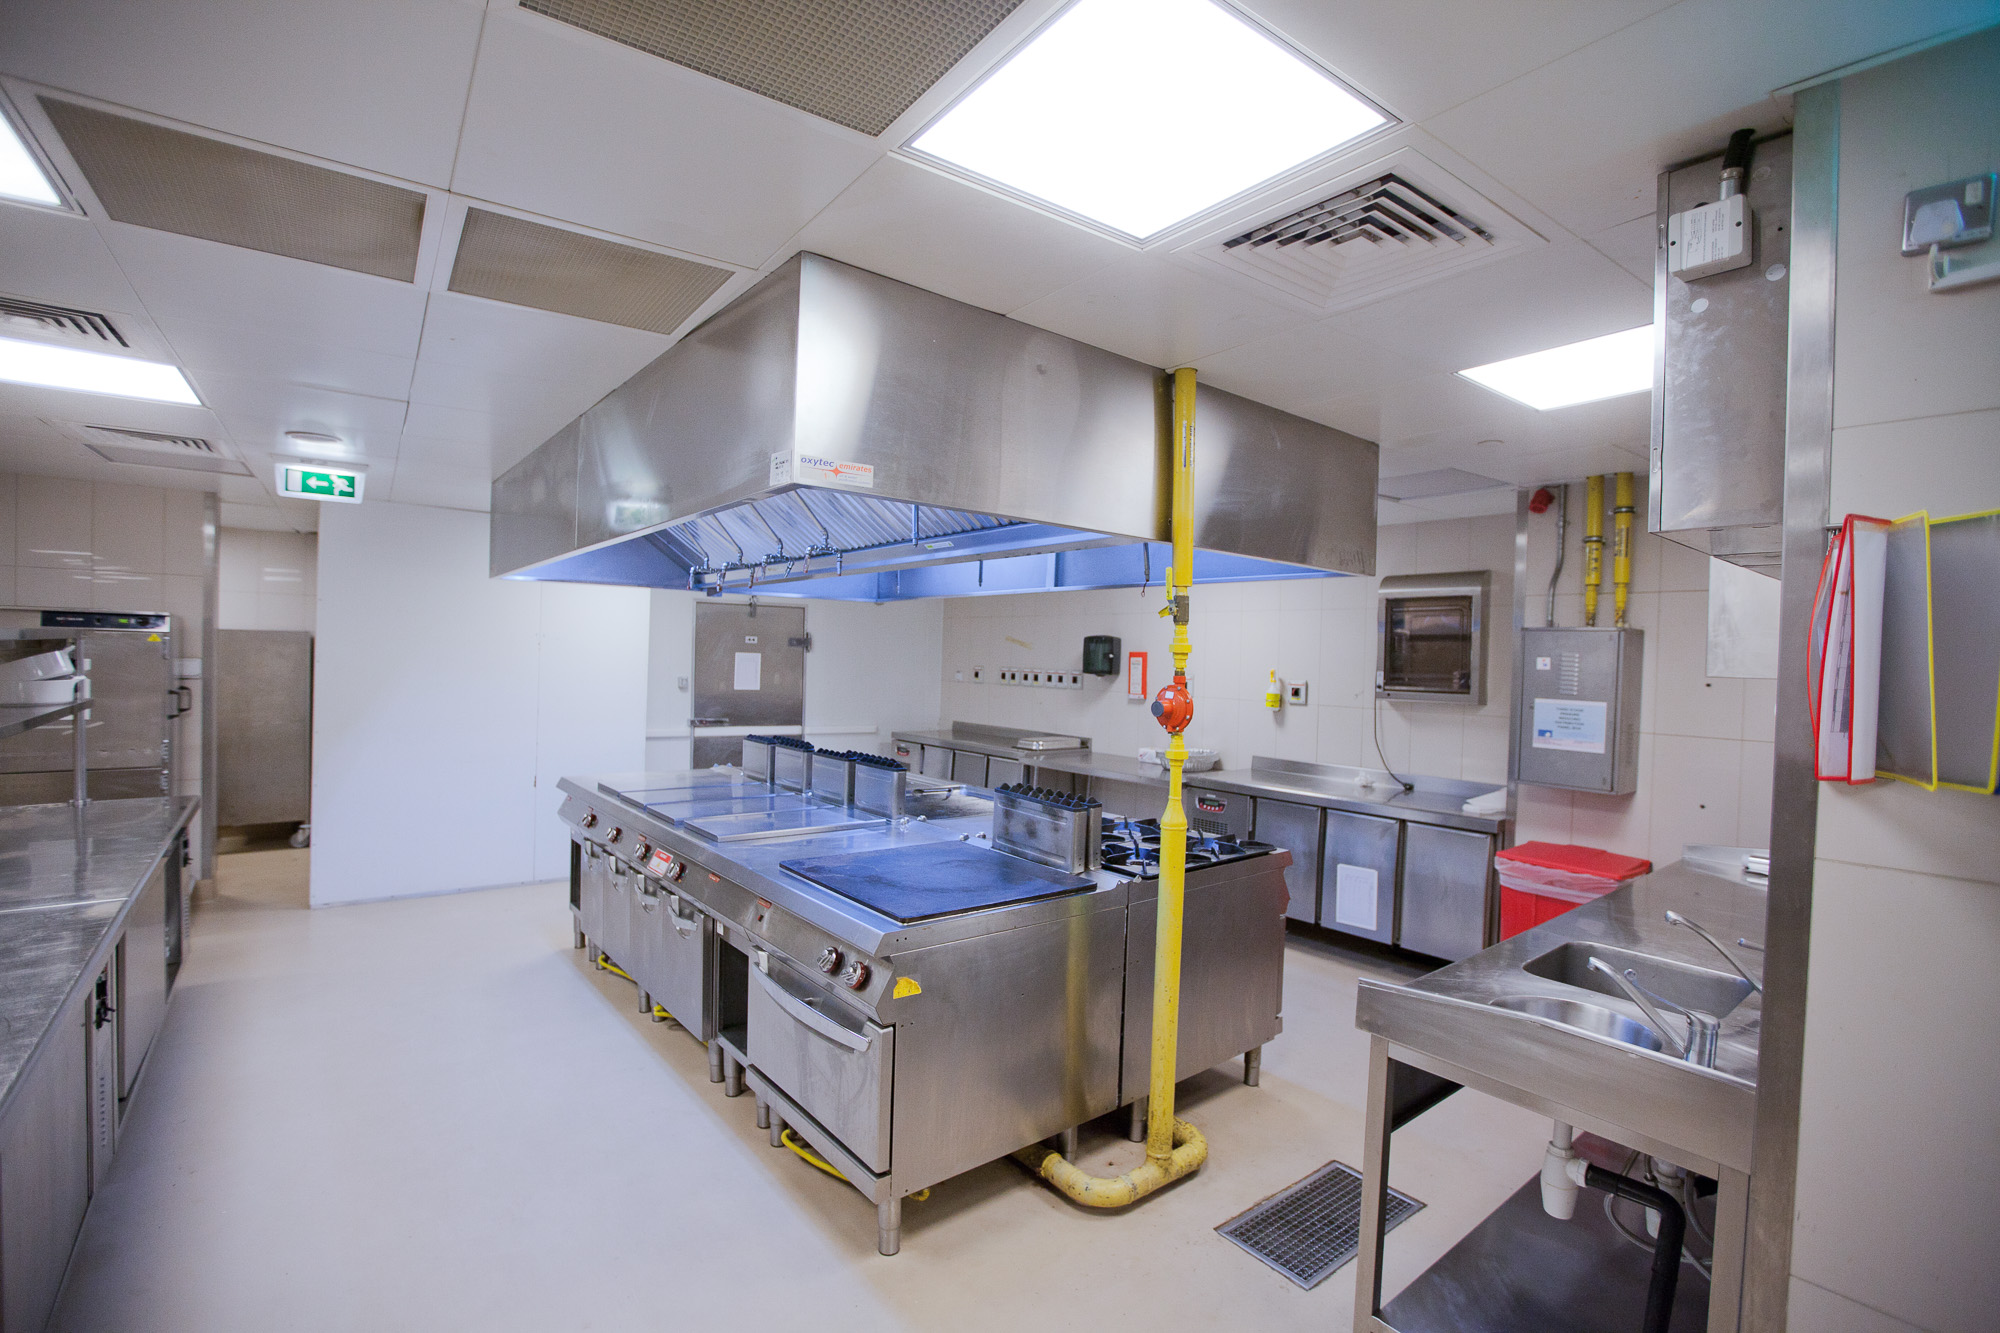 Italia_kitchen_-meydan-8